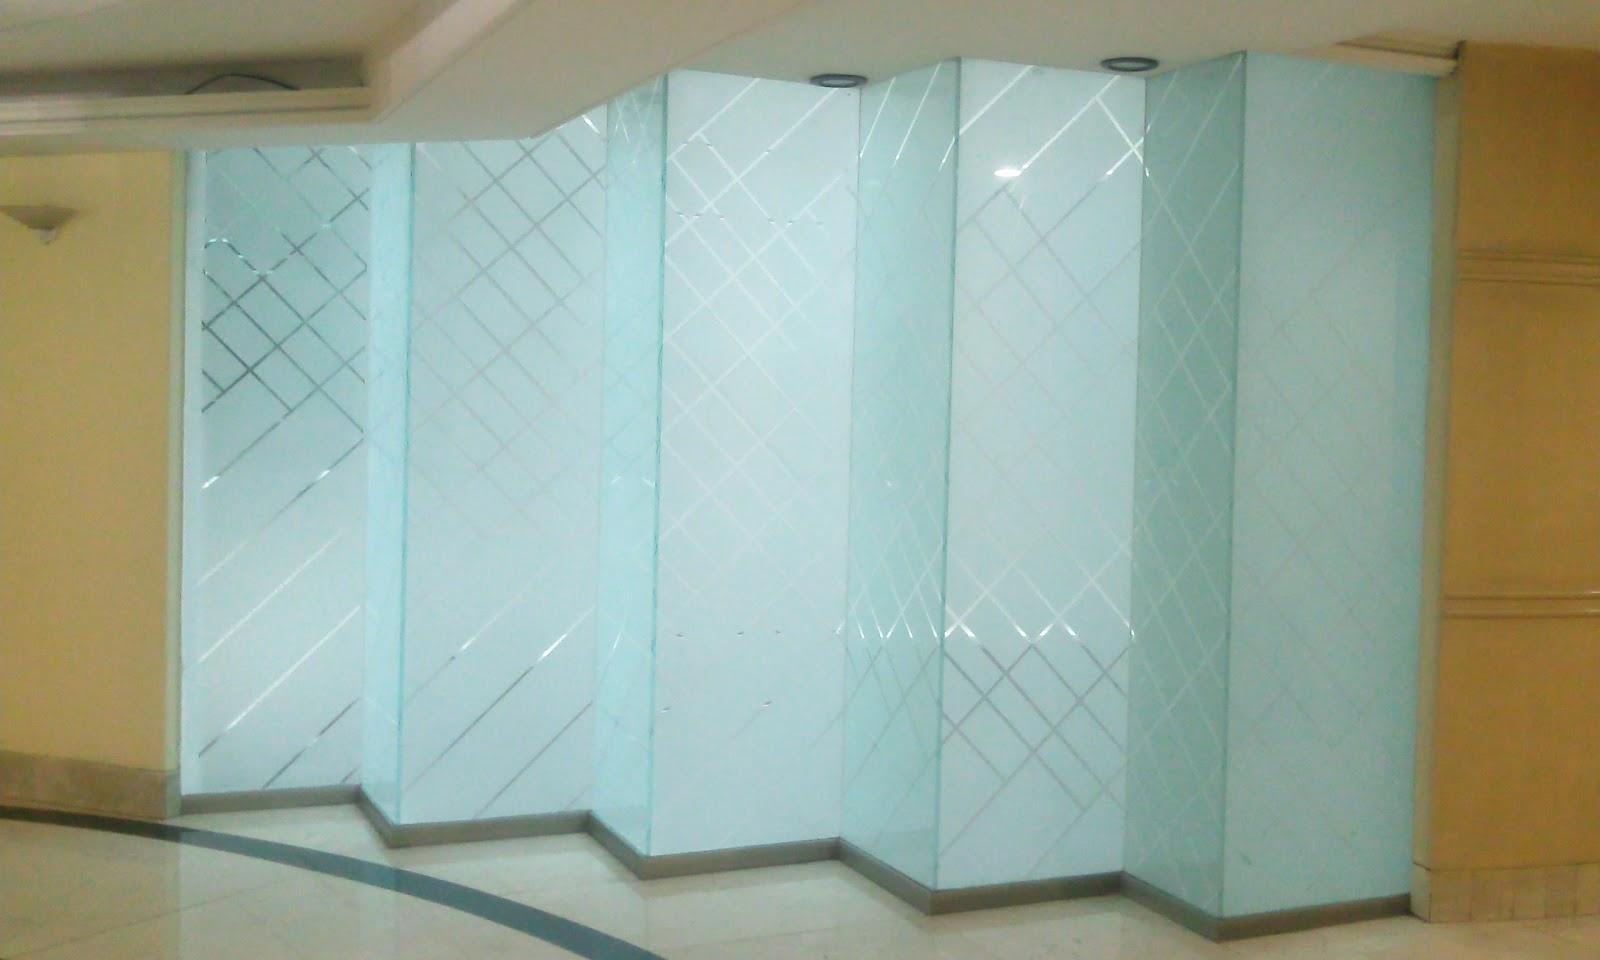 Vidrier a palo solo canceles para ba o cristal templado - Puertas de piso a techo ...